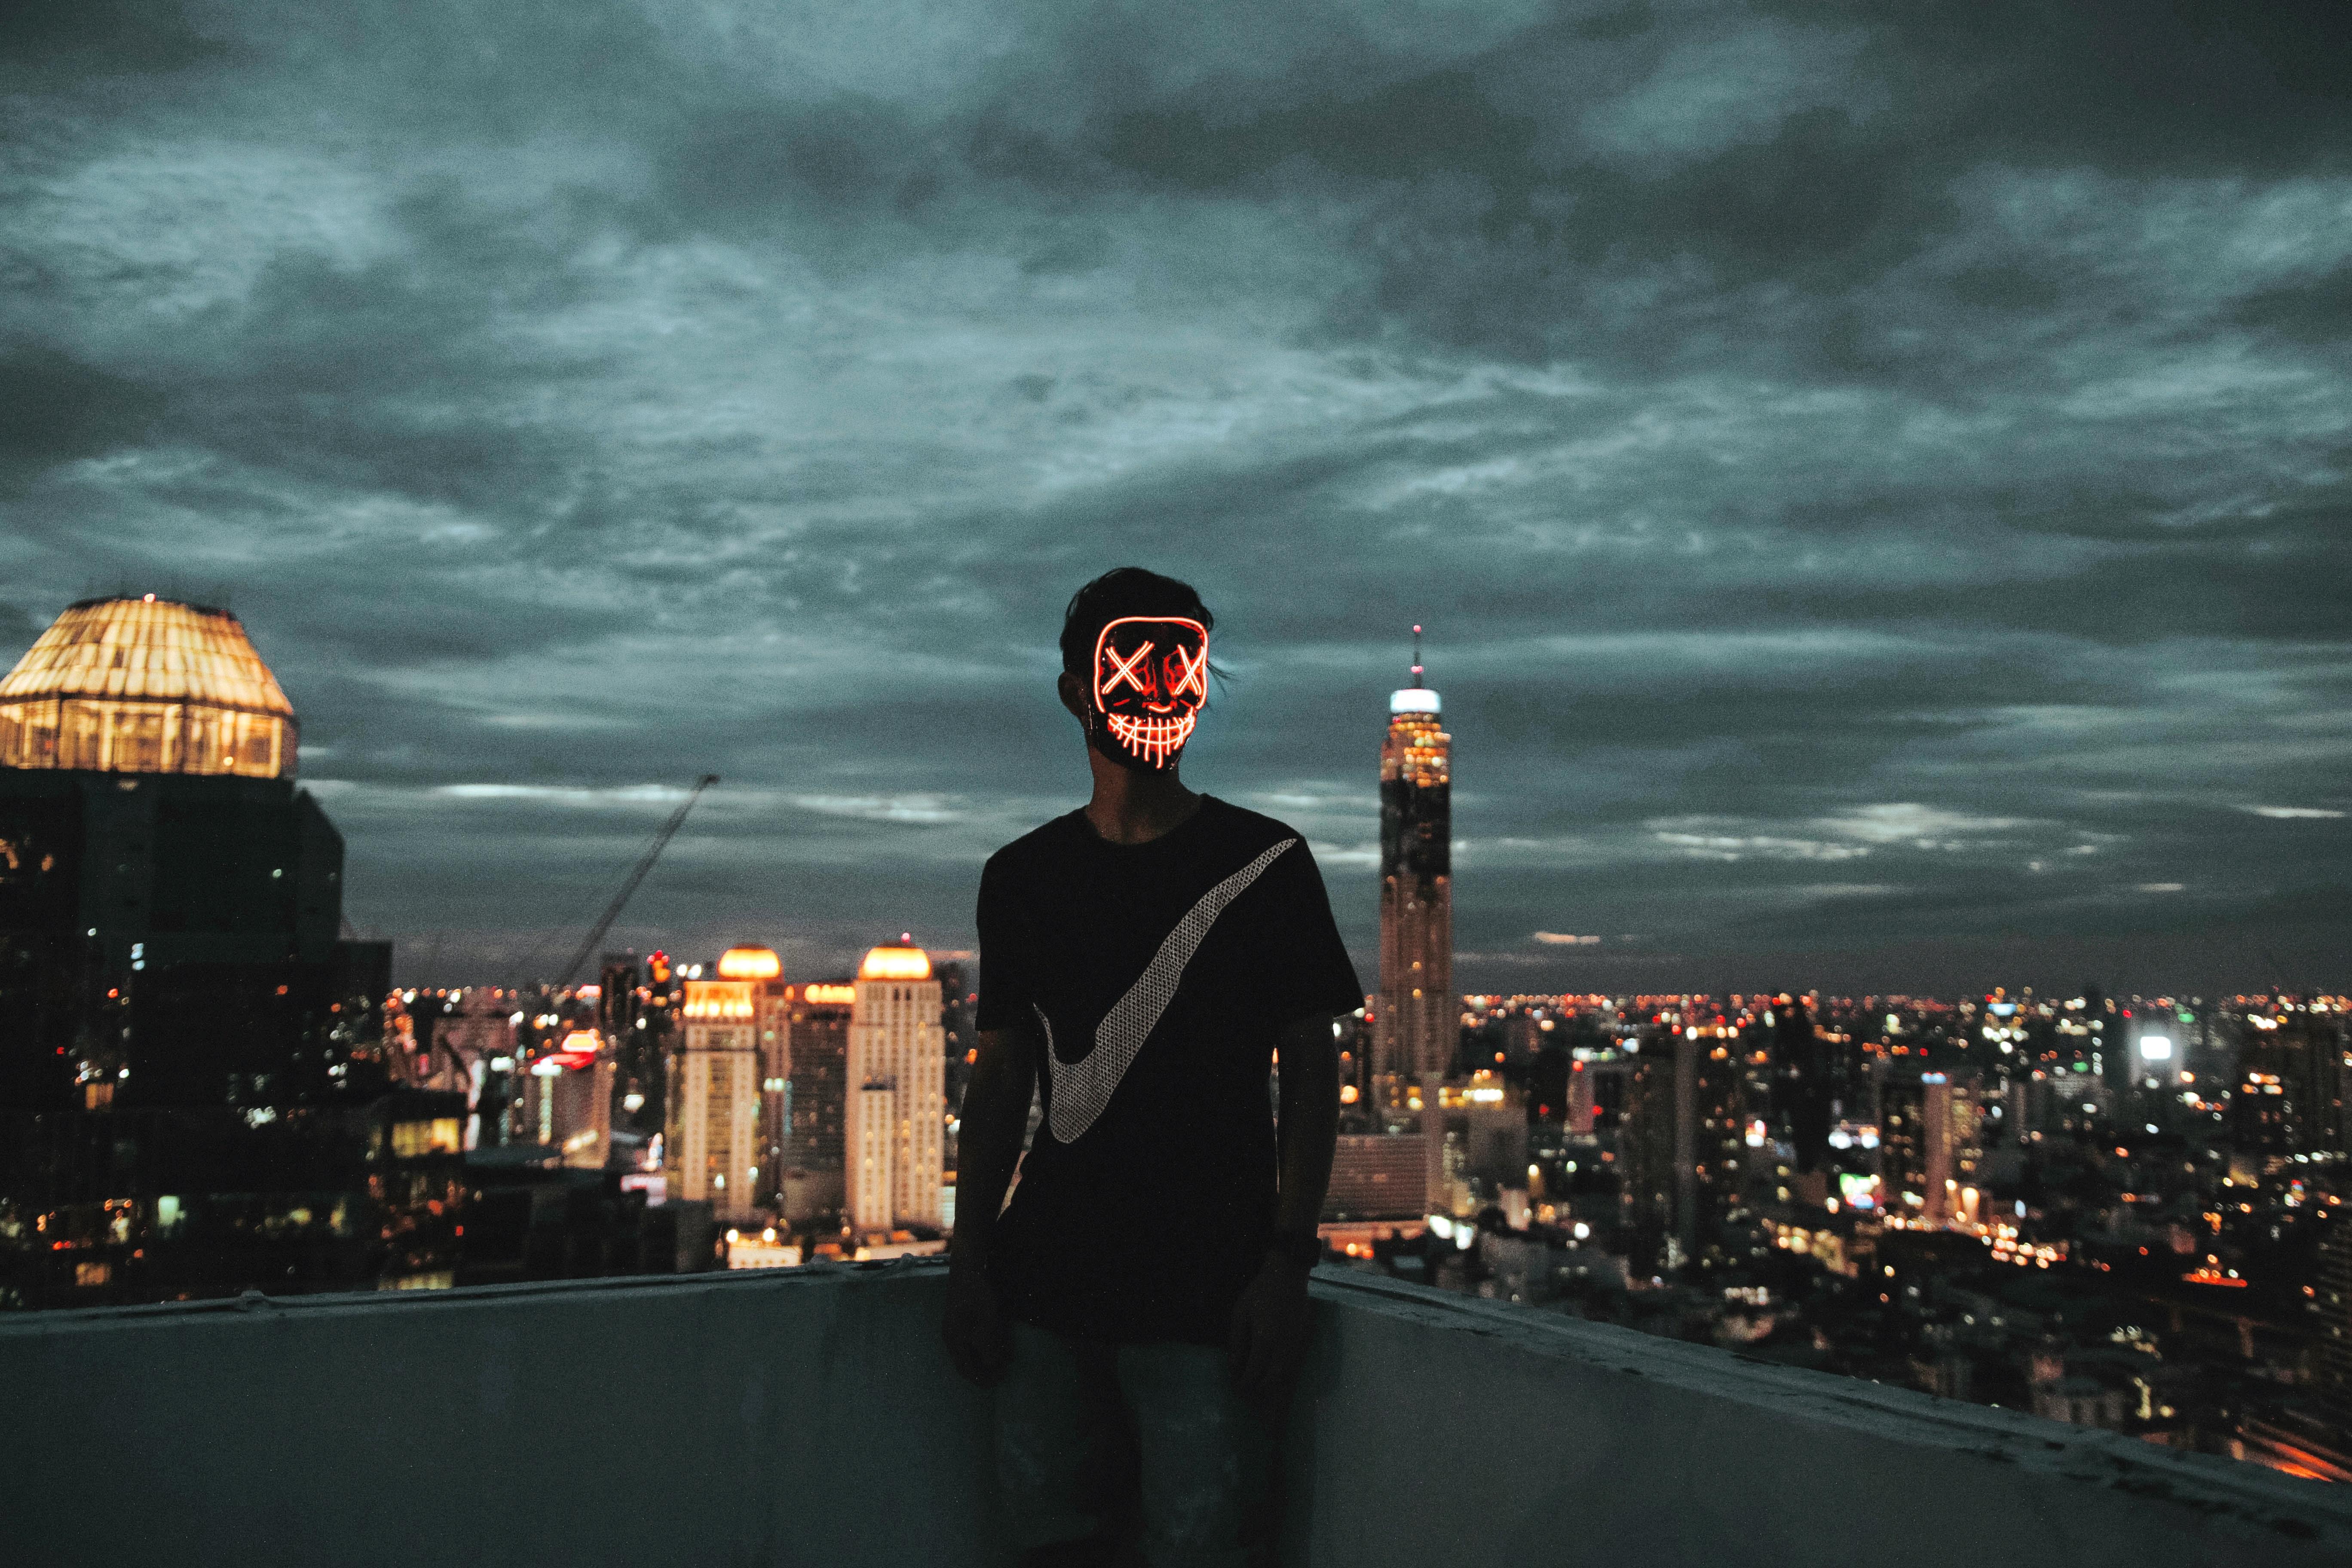 mask neon guy 1574938636 - Mask Neon Guy -